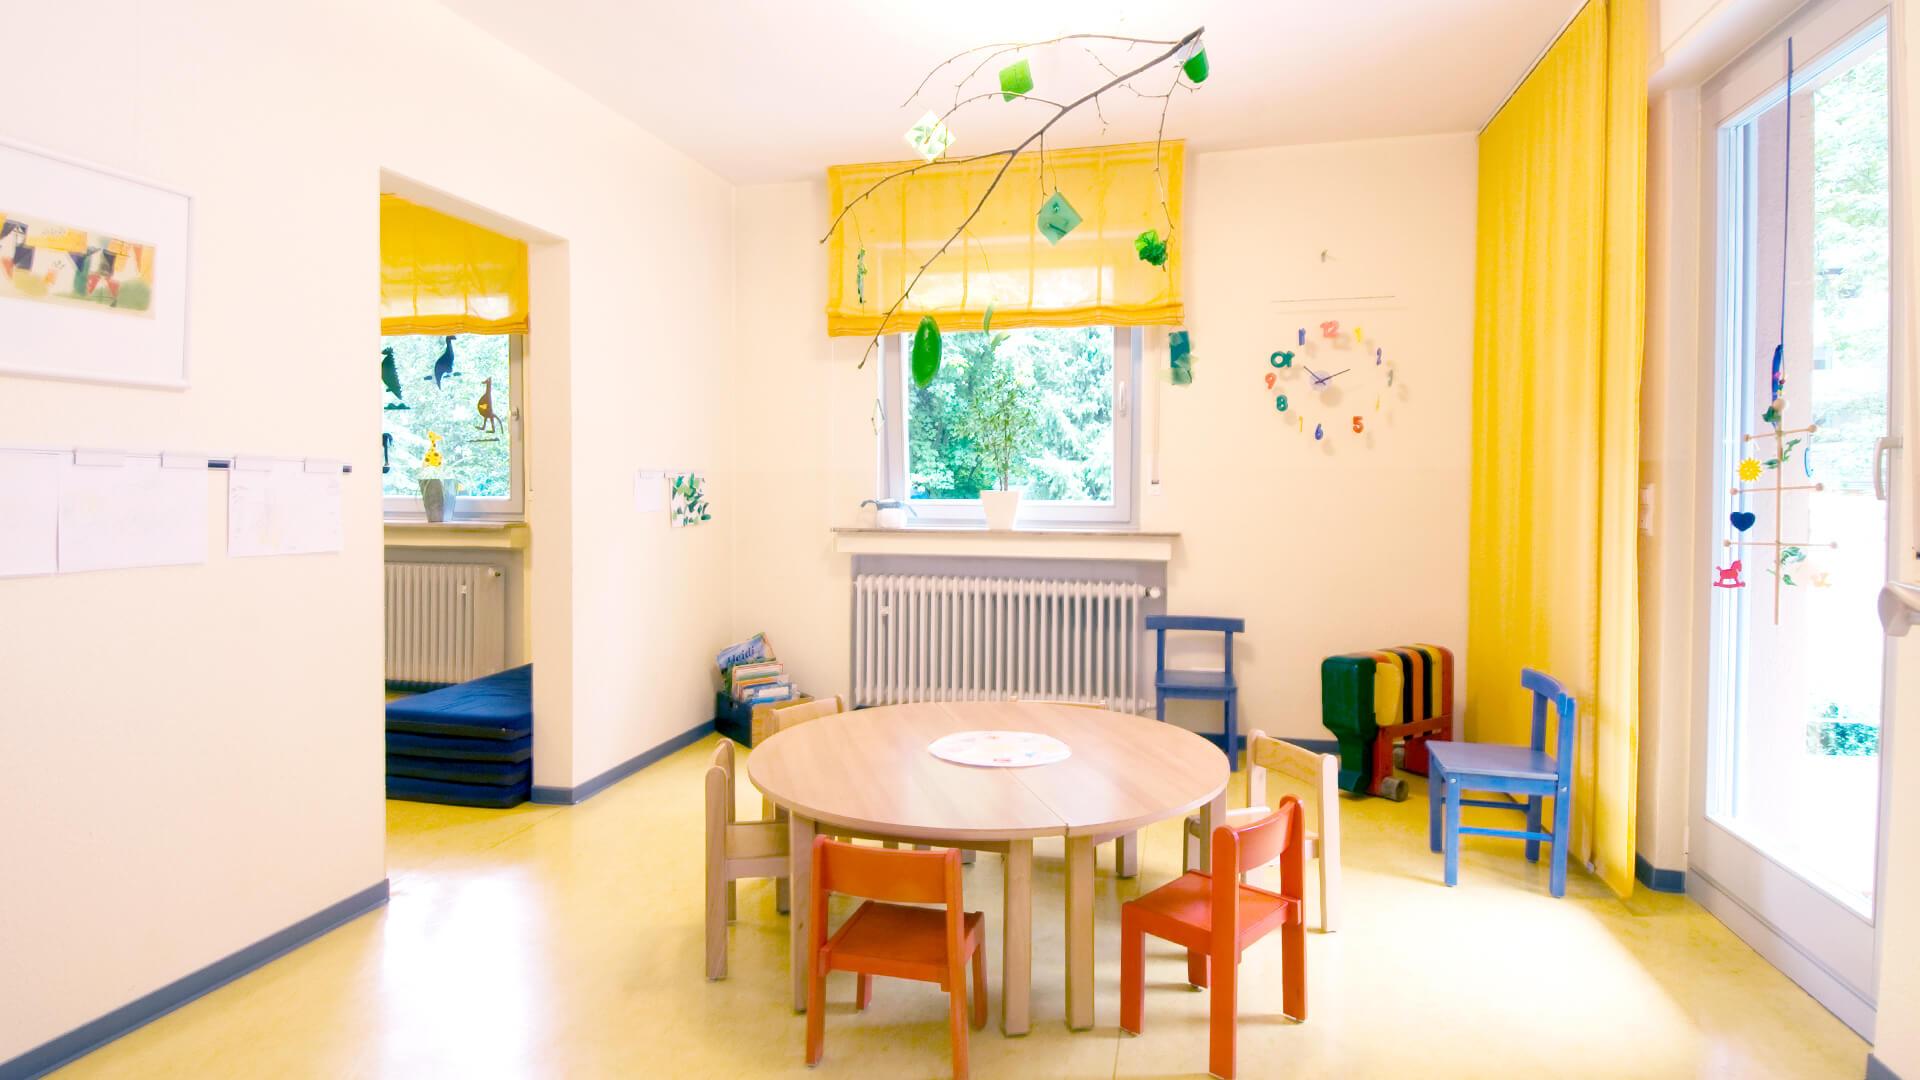 Sonnen-gelber Kita-Innenraum mit Lern-Uhr und Natur-Mobile an der Decke